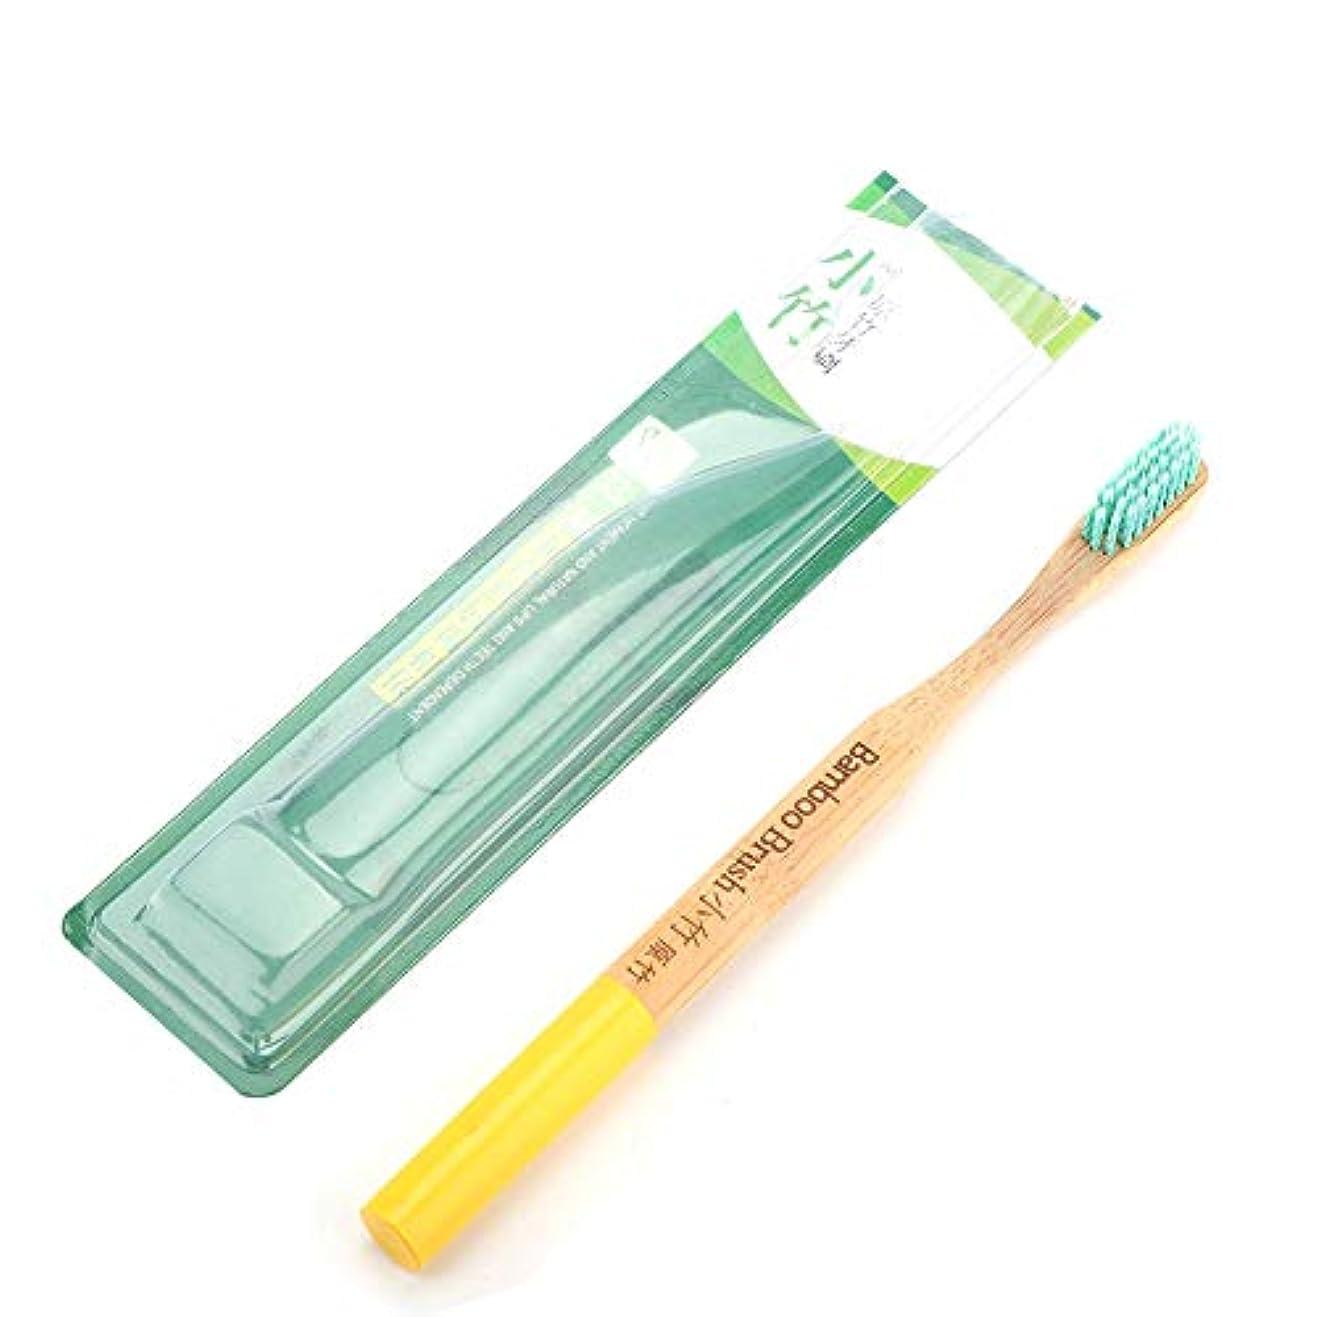 寝具疲労強います静菌軟毛竹柄歯ブラシ